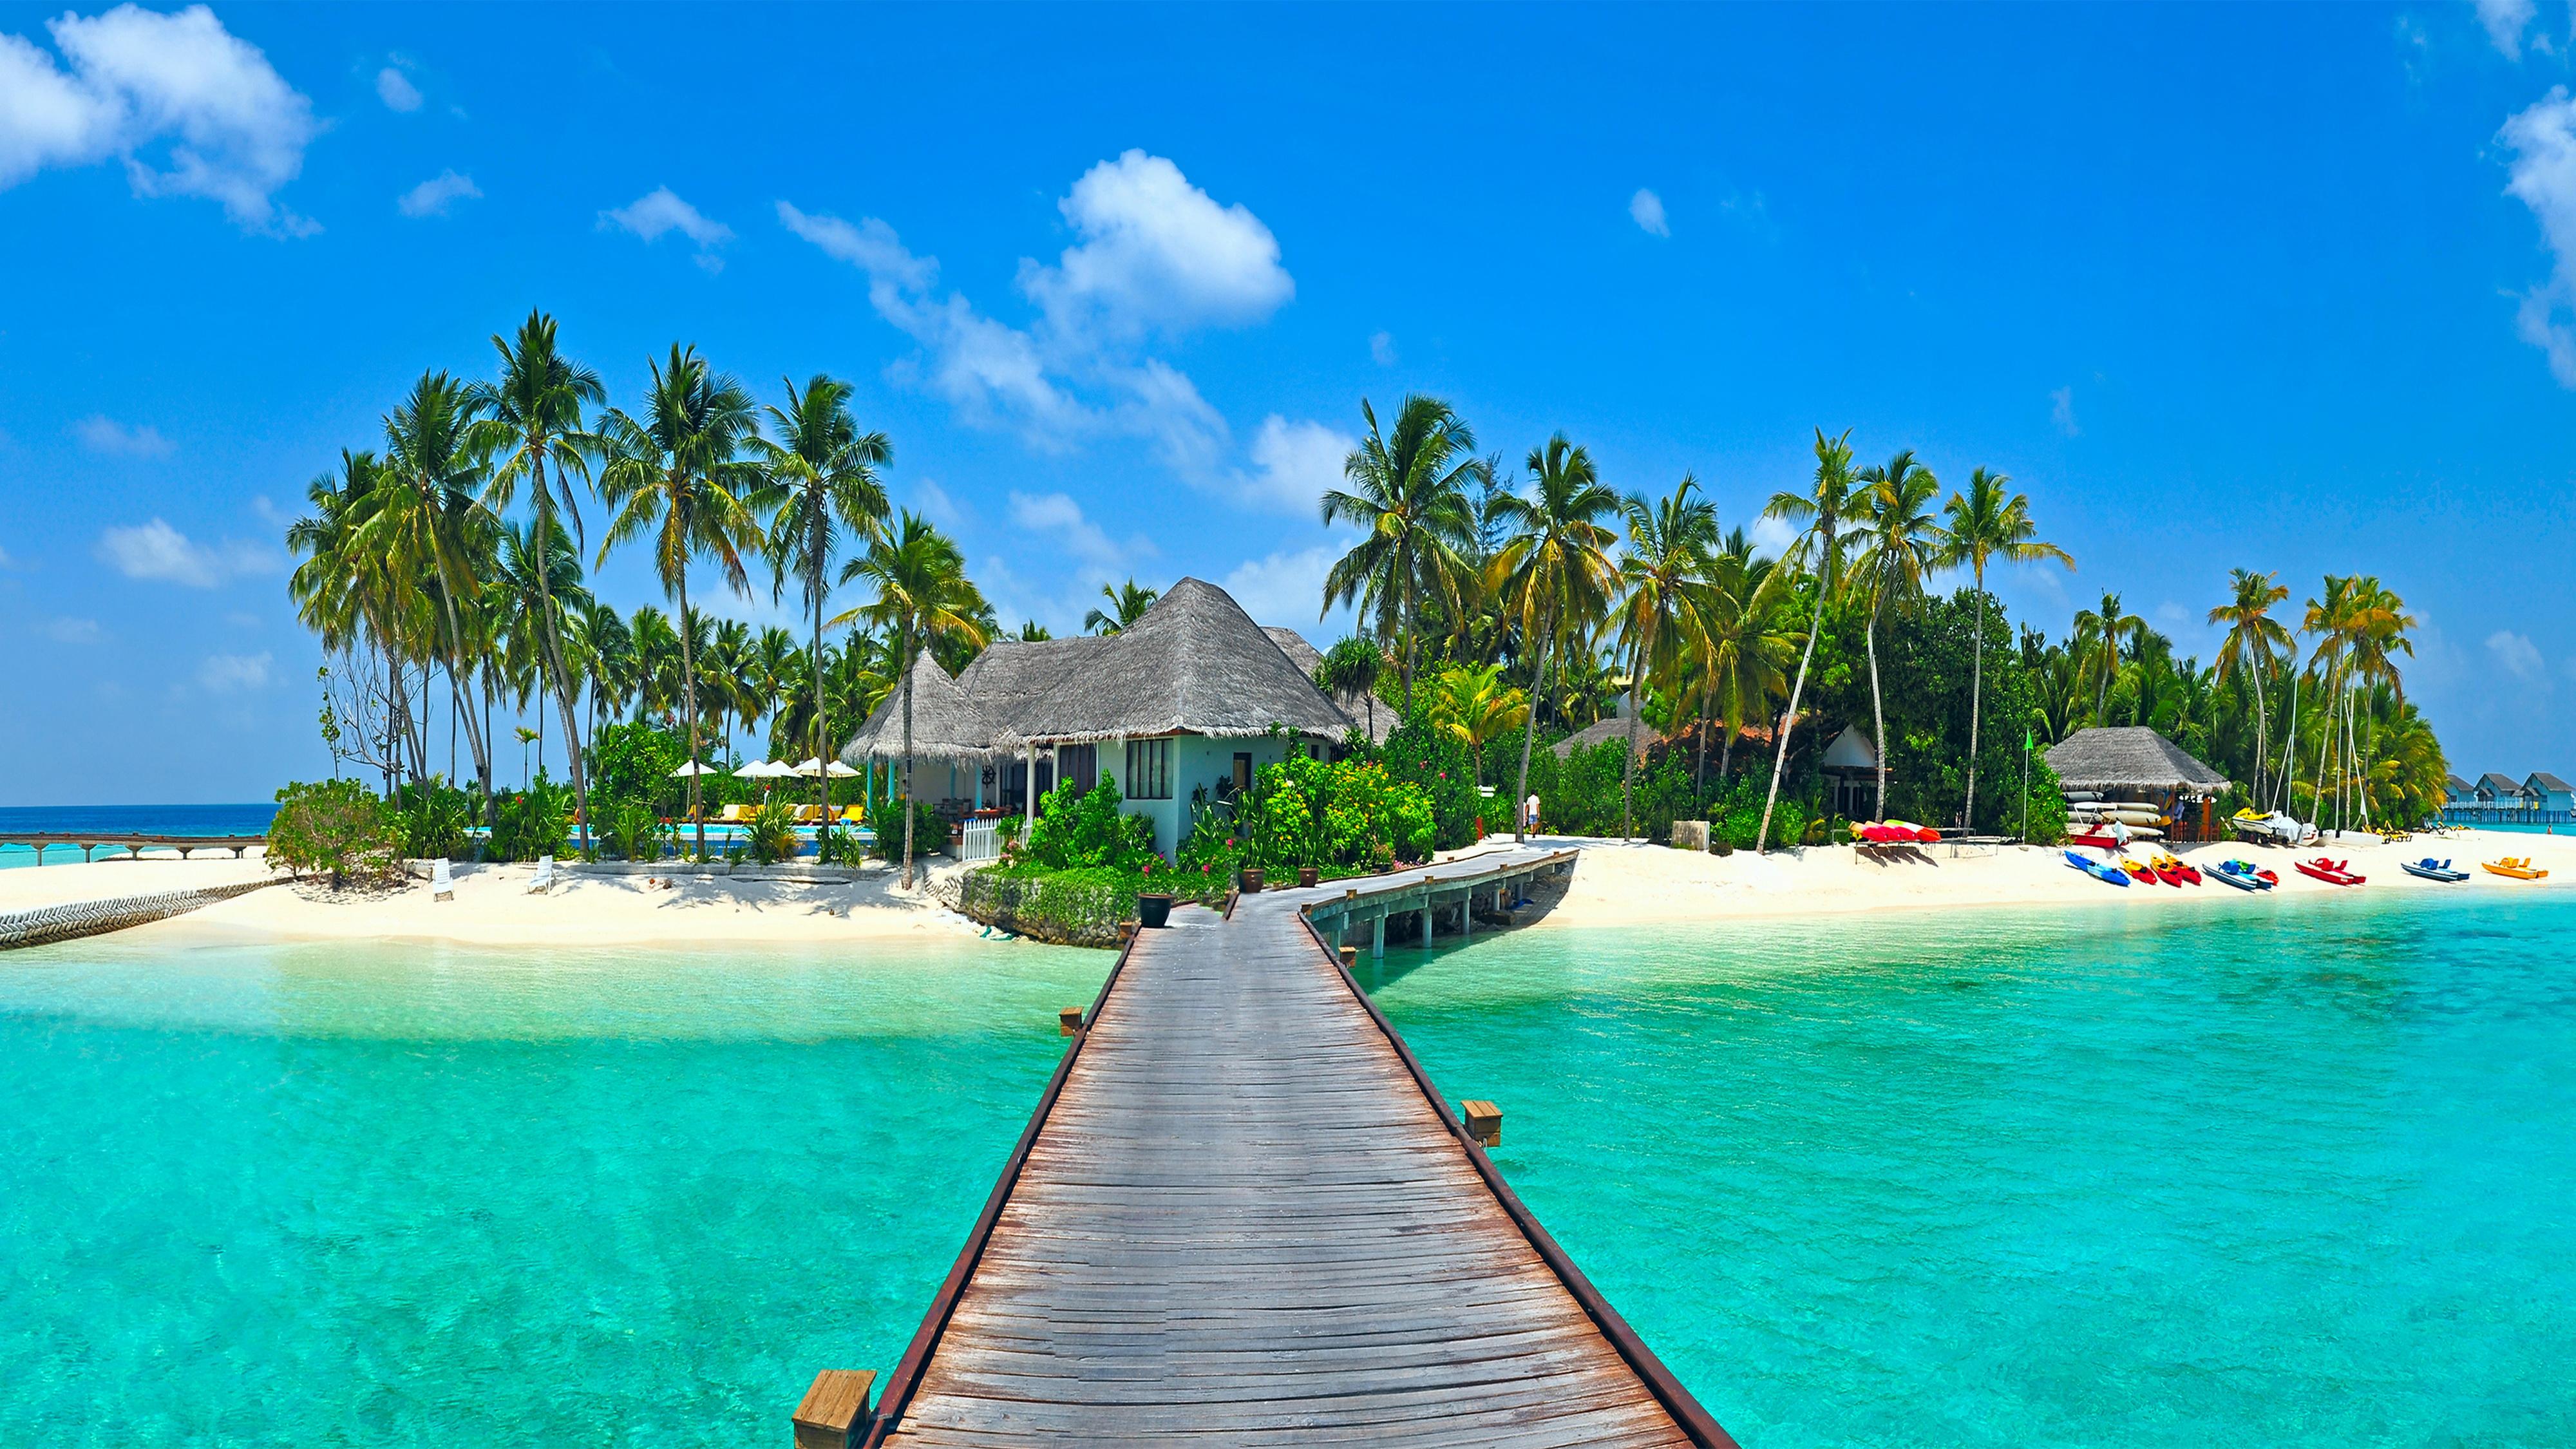 Tropical Beach Wallpaper Desktop Background - Bhstorm.com